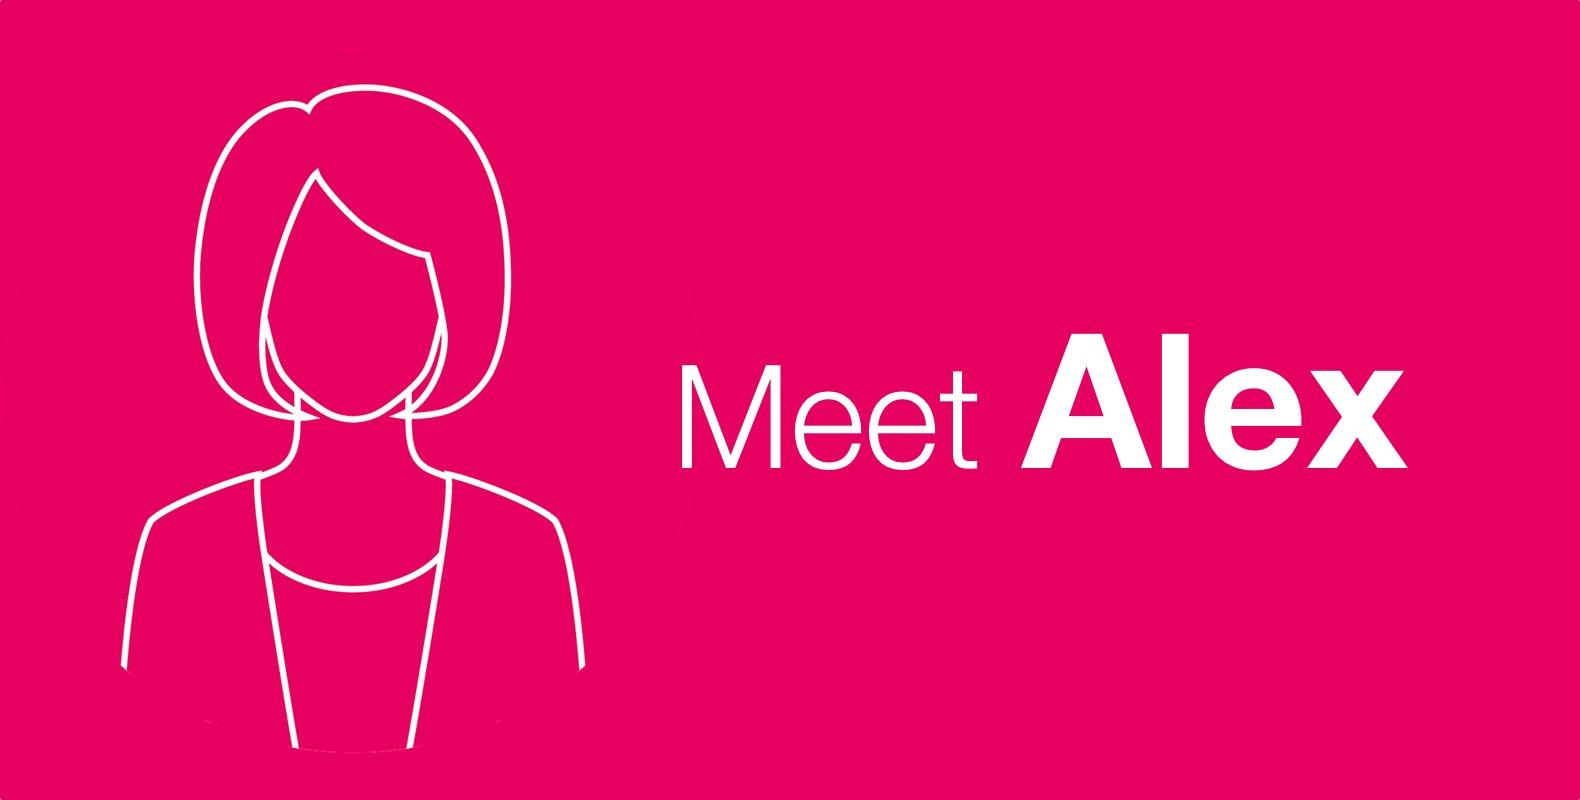 meet_alex.jpg